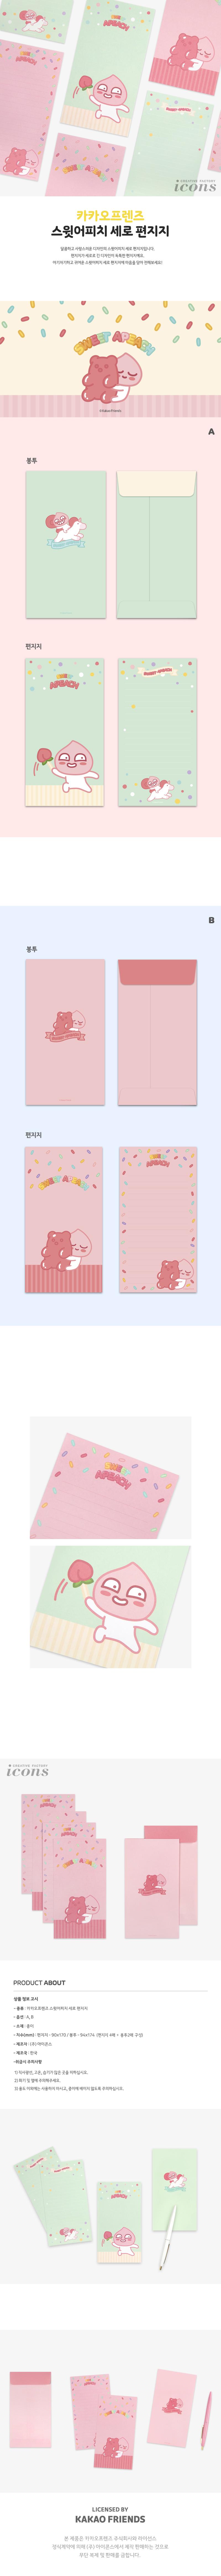 카카오프렌즈 스윗어피치 세로편지지 - 카카오프렌즈, 1,500원, 디자인편지, 패드/편지지